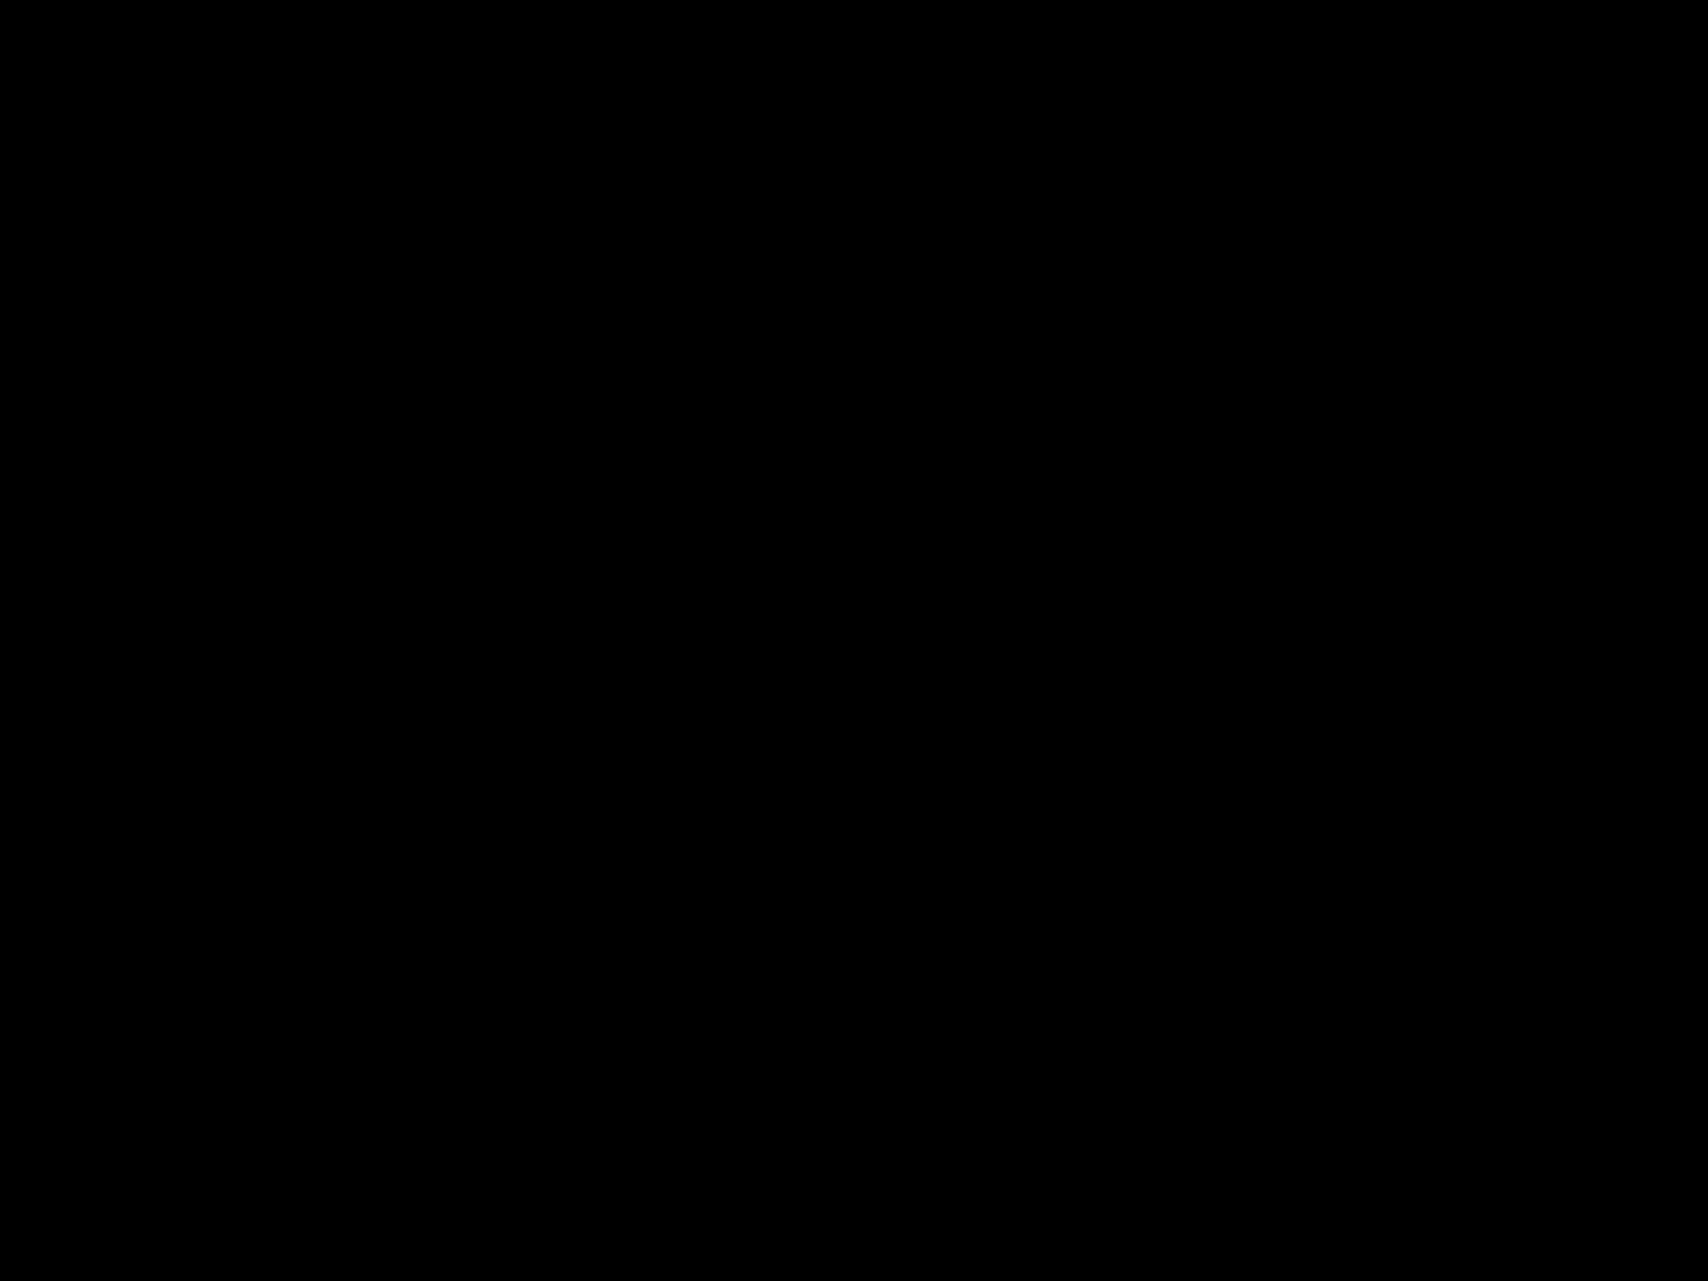 24254_12.jpg